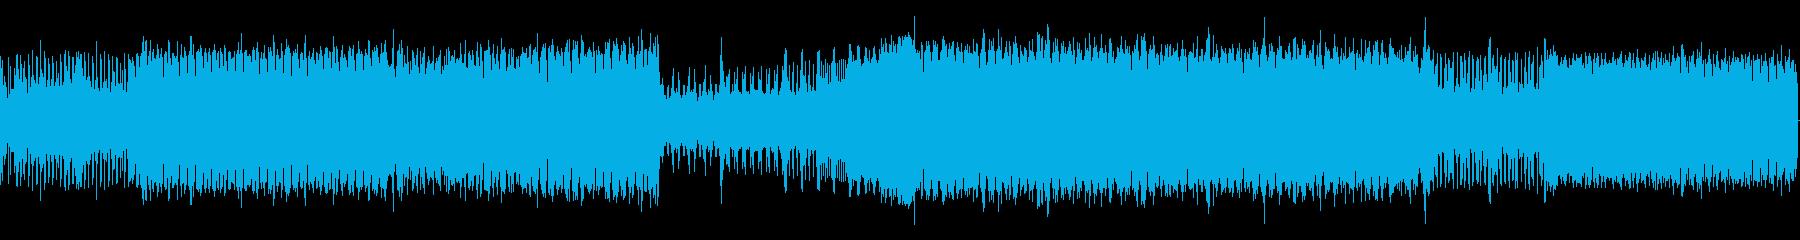 プログレッシブ。ランニング。の再生済みの波形